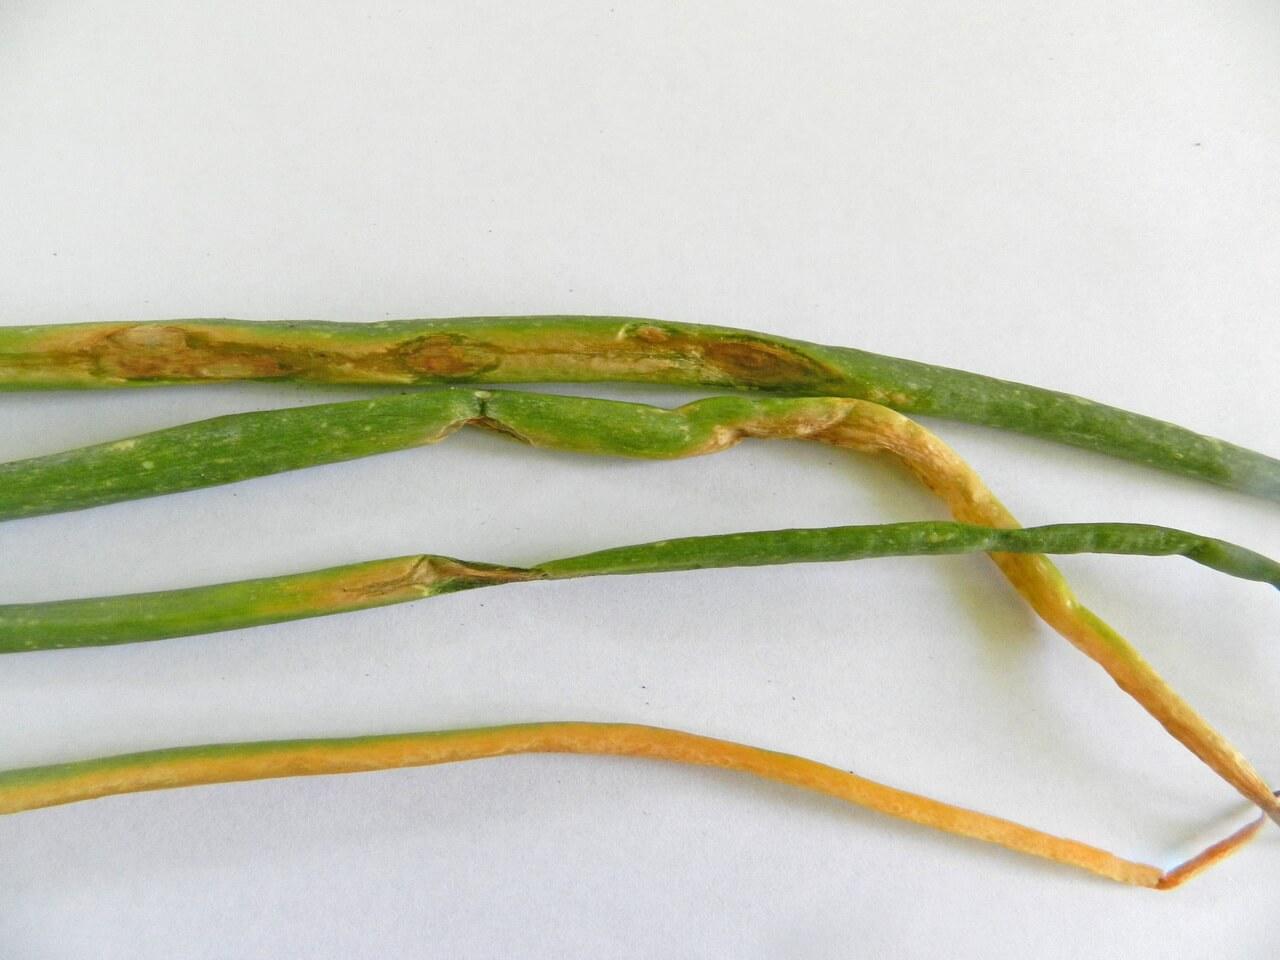 Лечение токсического гепатита лекарствами и народными средствами | компетентно о здоровье на ilive